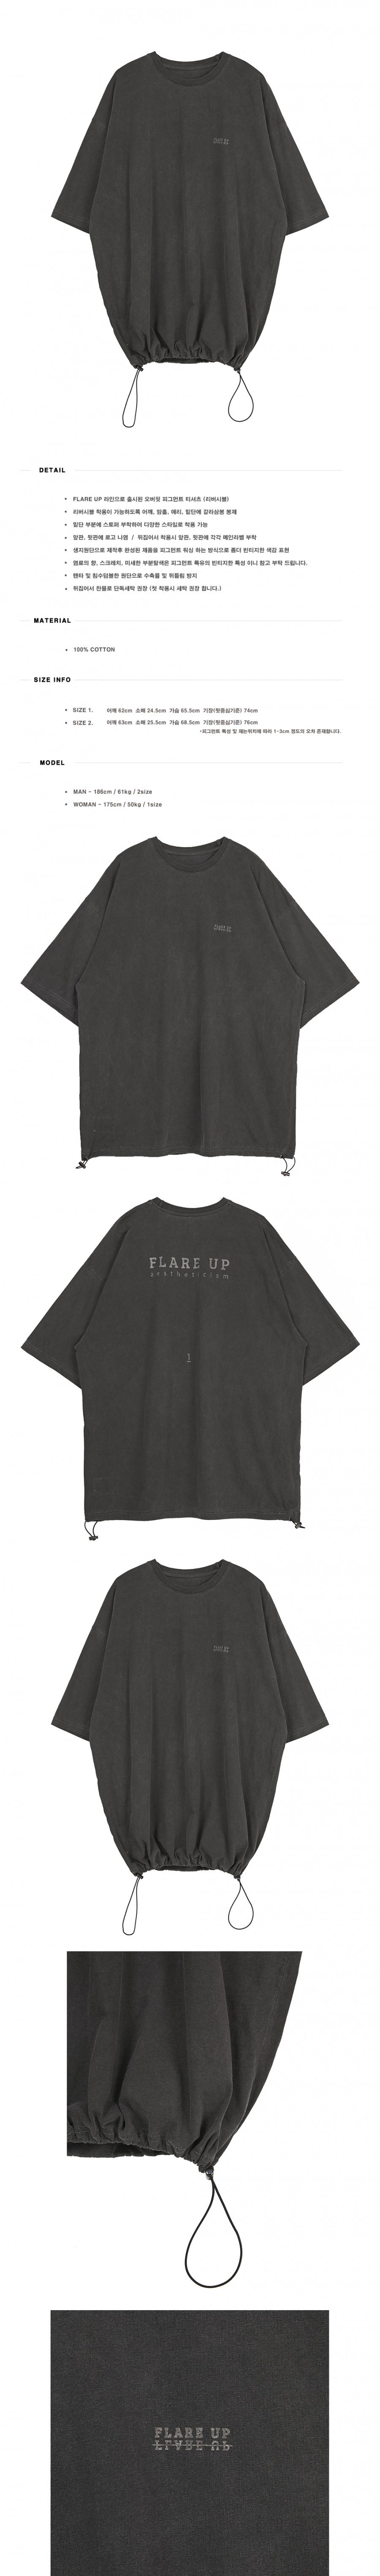 플레어업(FLAREUP) 리버시블 피그먼트 스트링 오버핏 티셔츠 - 다크 그레이 (FU-141)